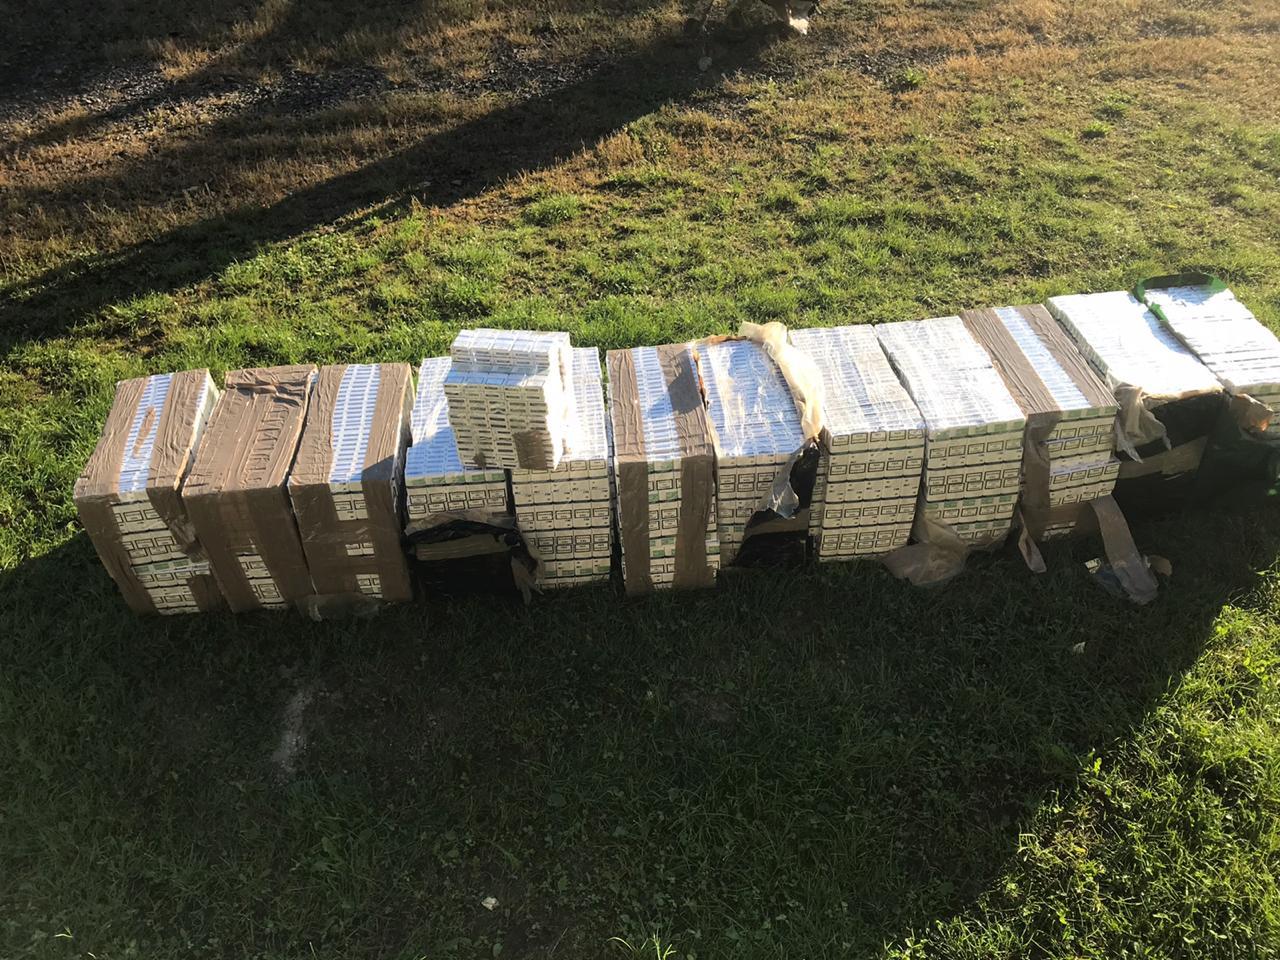 Закарпатські прикордонники під час патрулювання знайшли 16 ящиків з цигарками